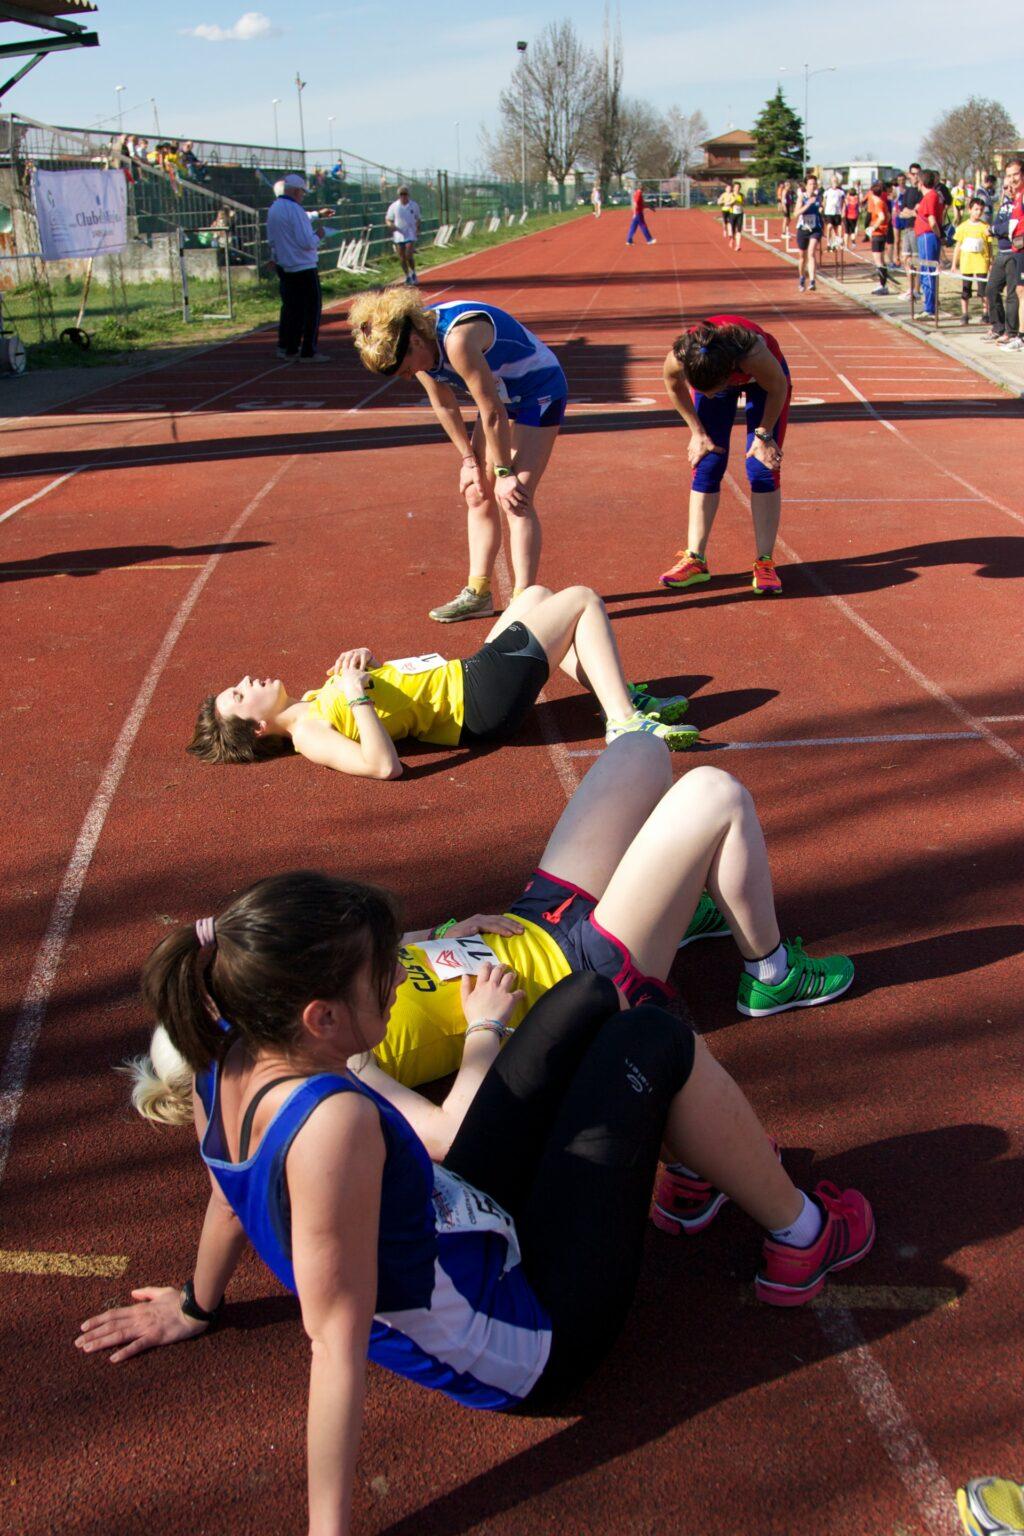 Disse 8 dokumenterede øvelser hjælper løbere med at blive bedre